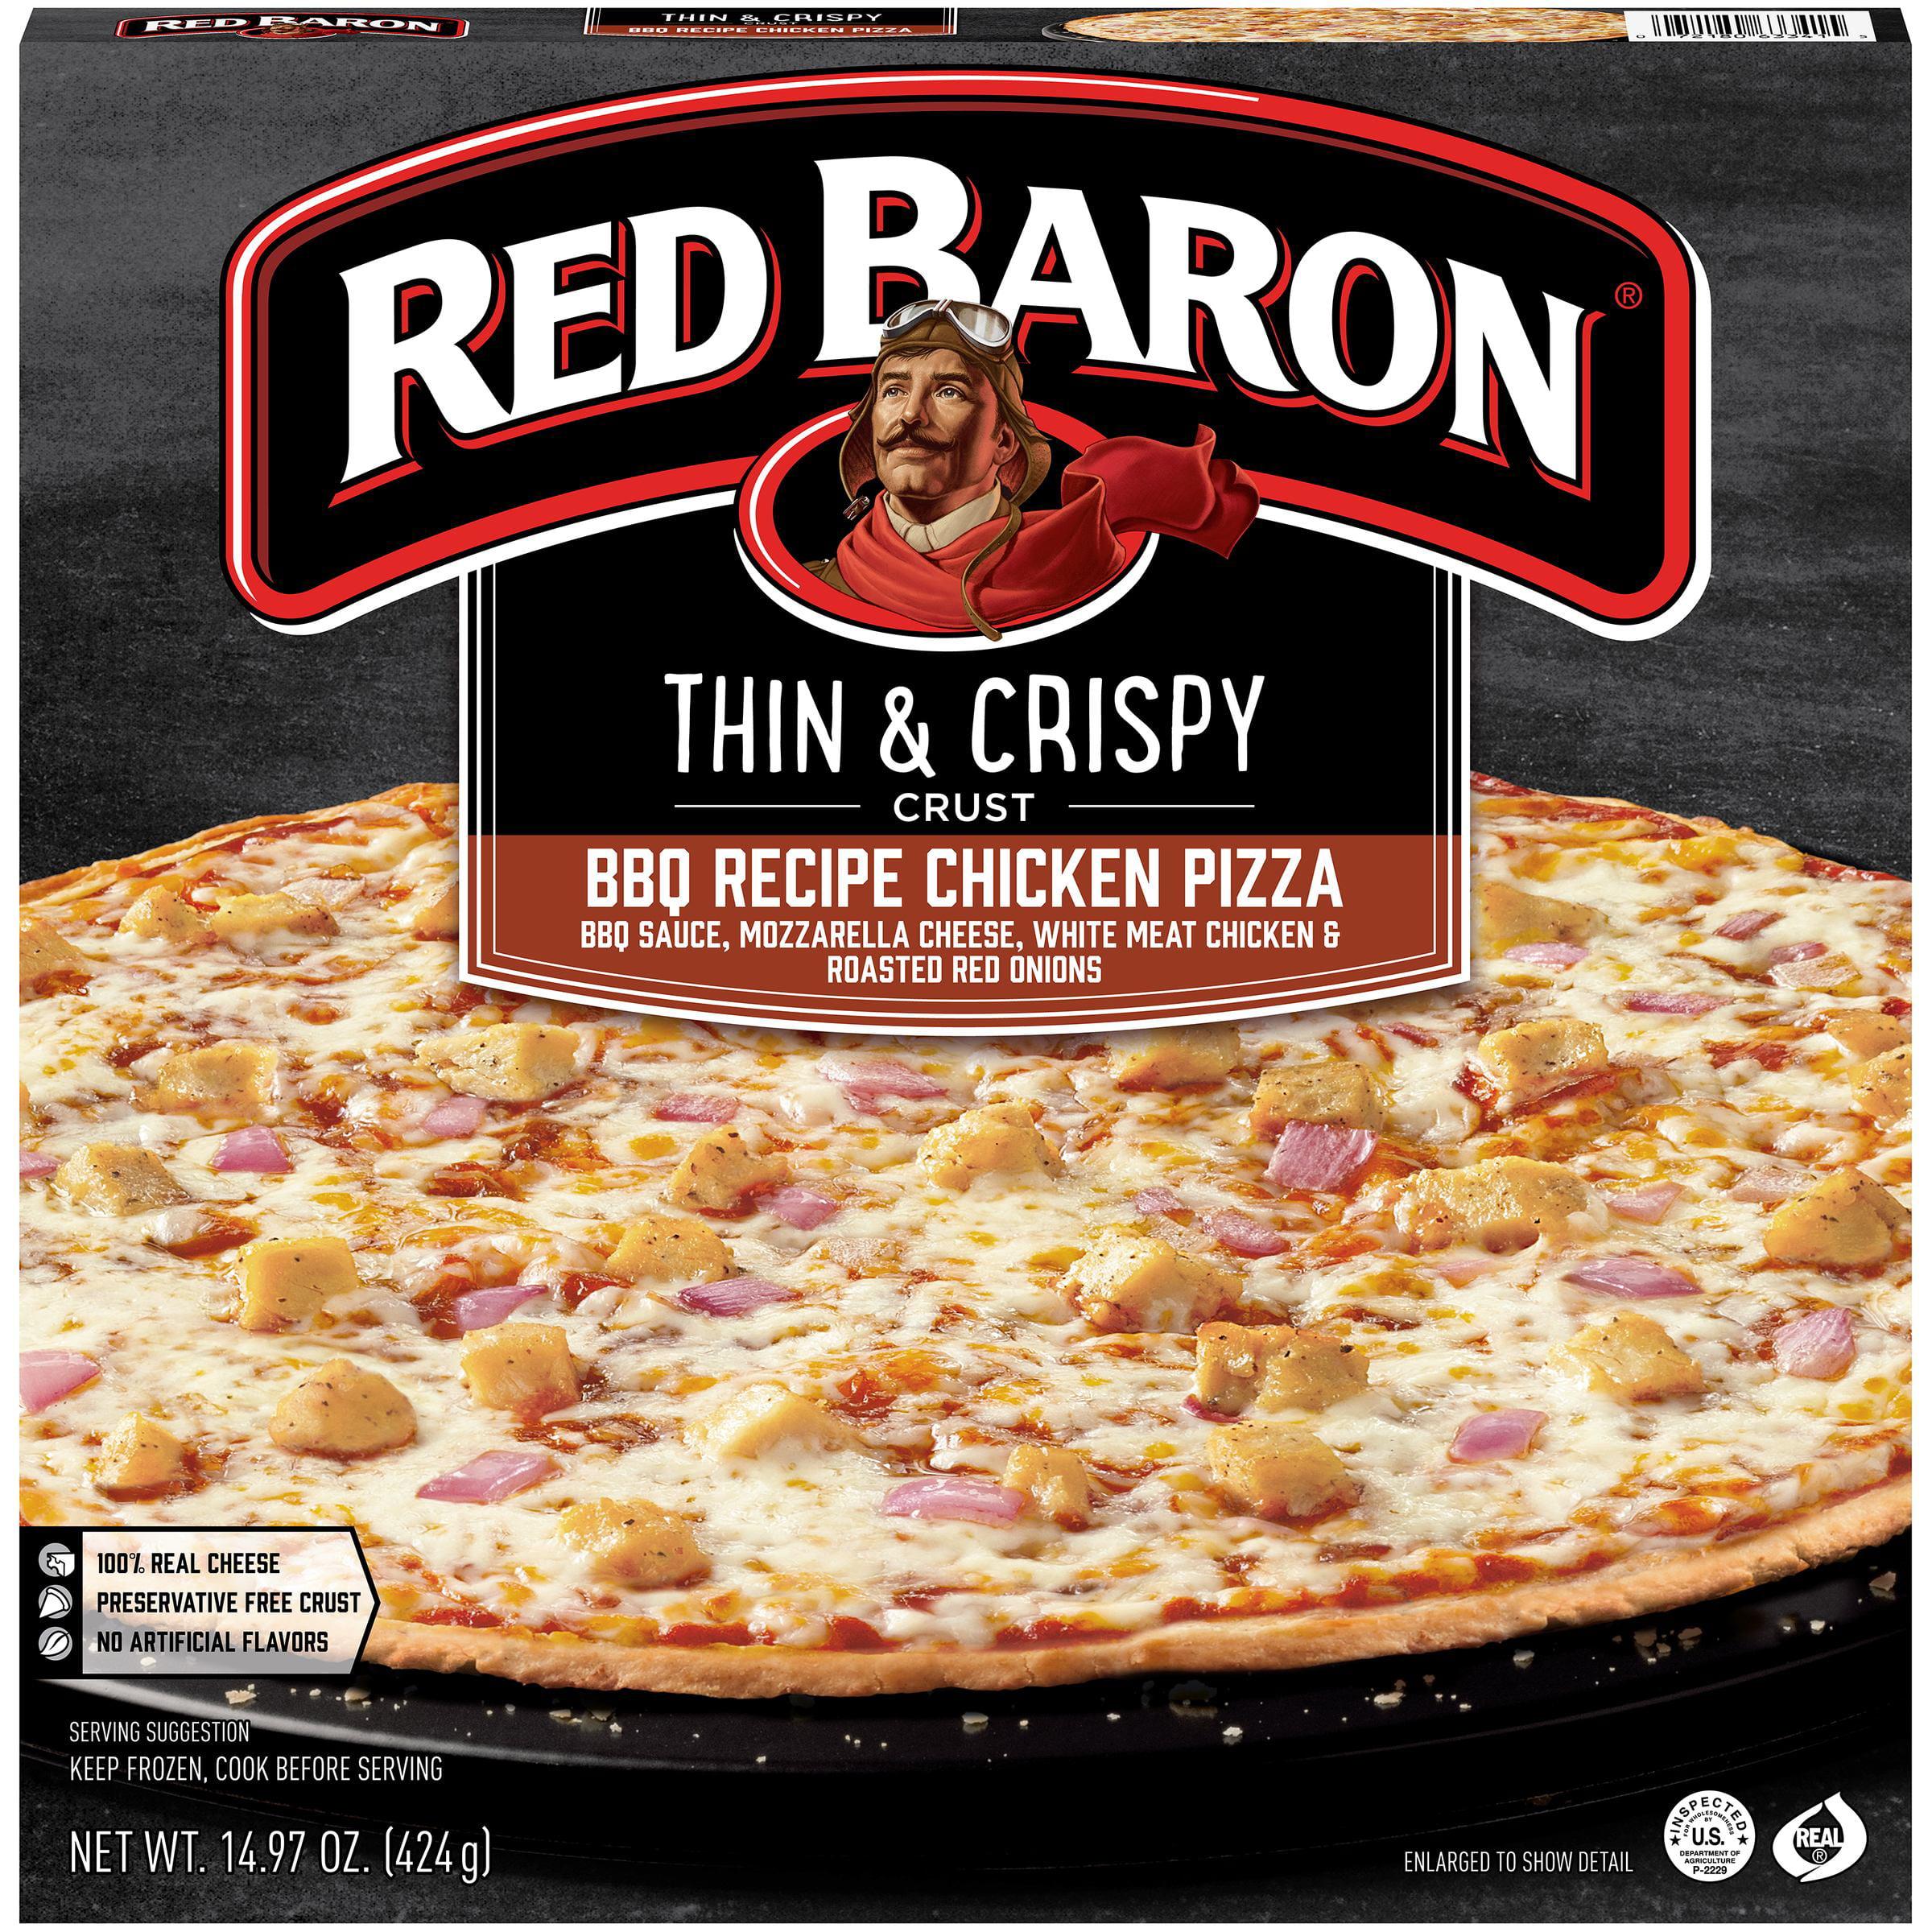 Red Baron® Thin & Crispy Crust BBQ Recipe Chicken Pizza 14.97 oz. Box